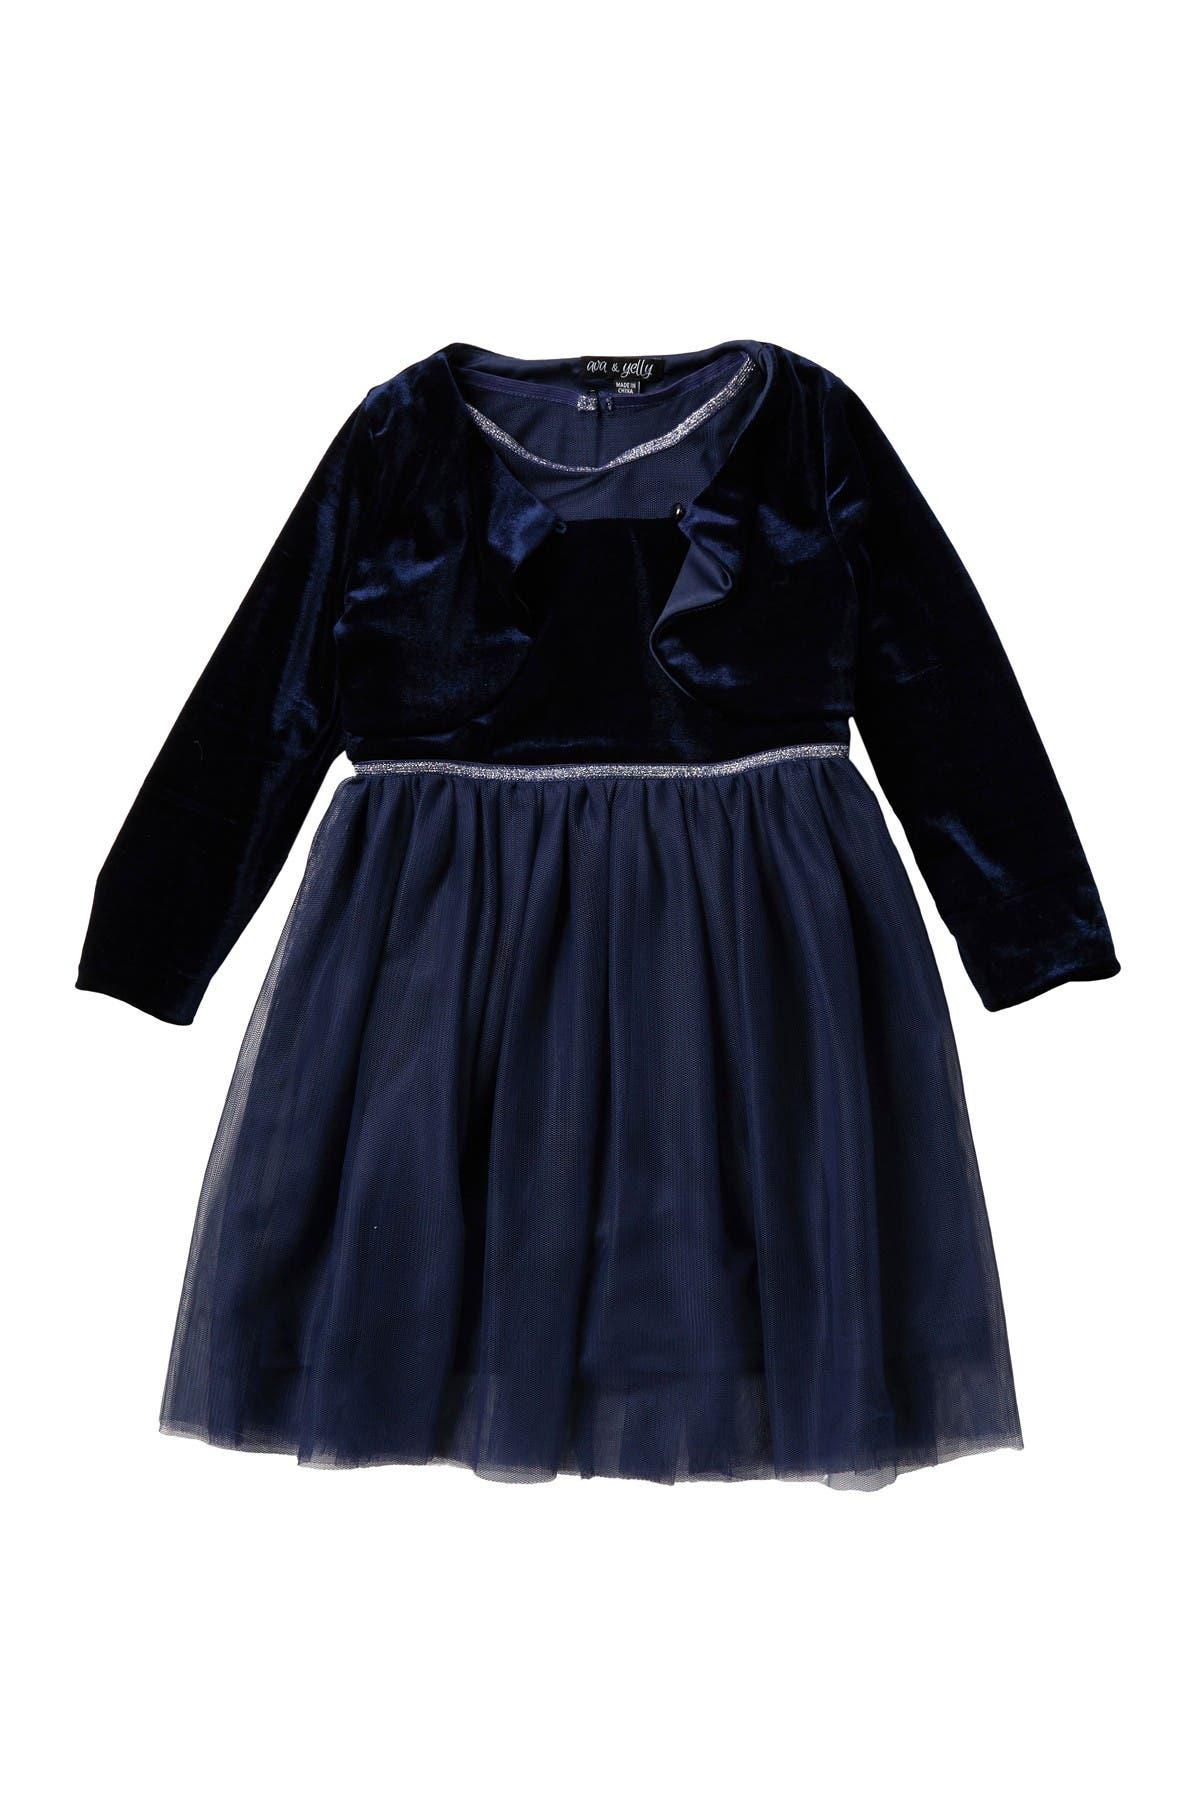 Image of AVA AND YELLY Tutu Dress & Velvet Cardigan Set